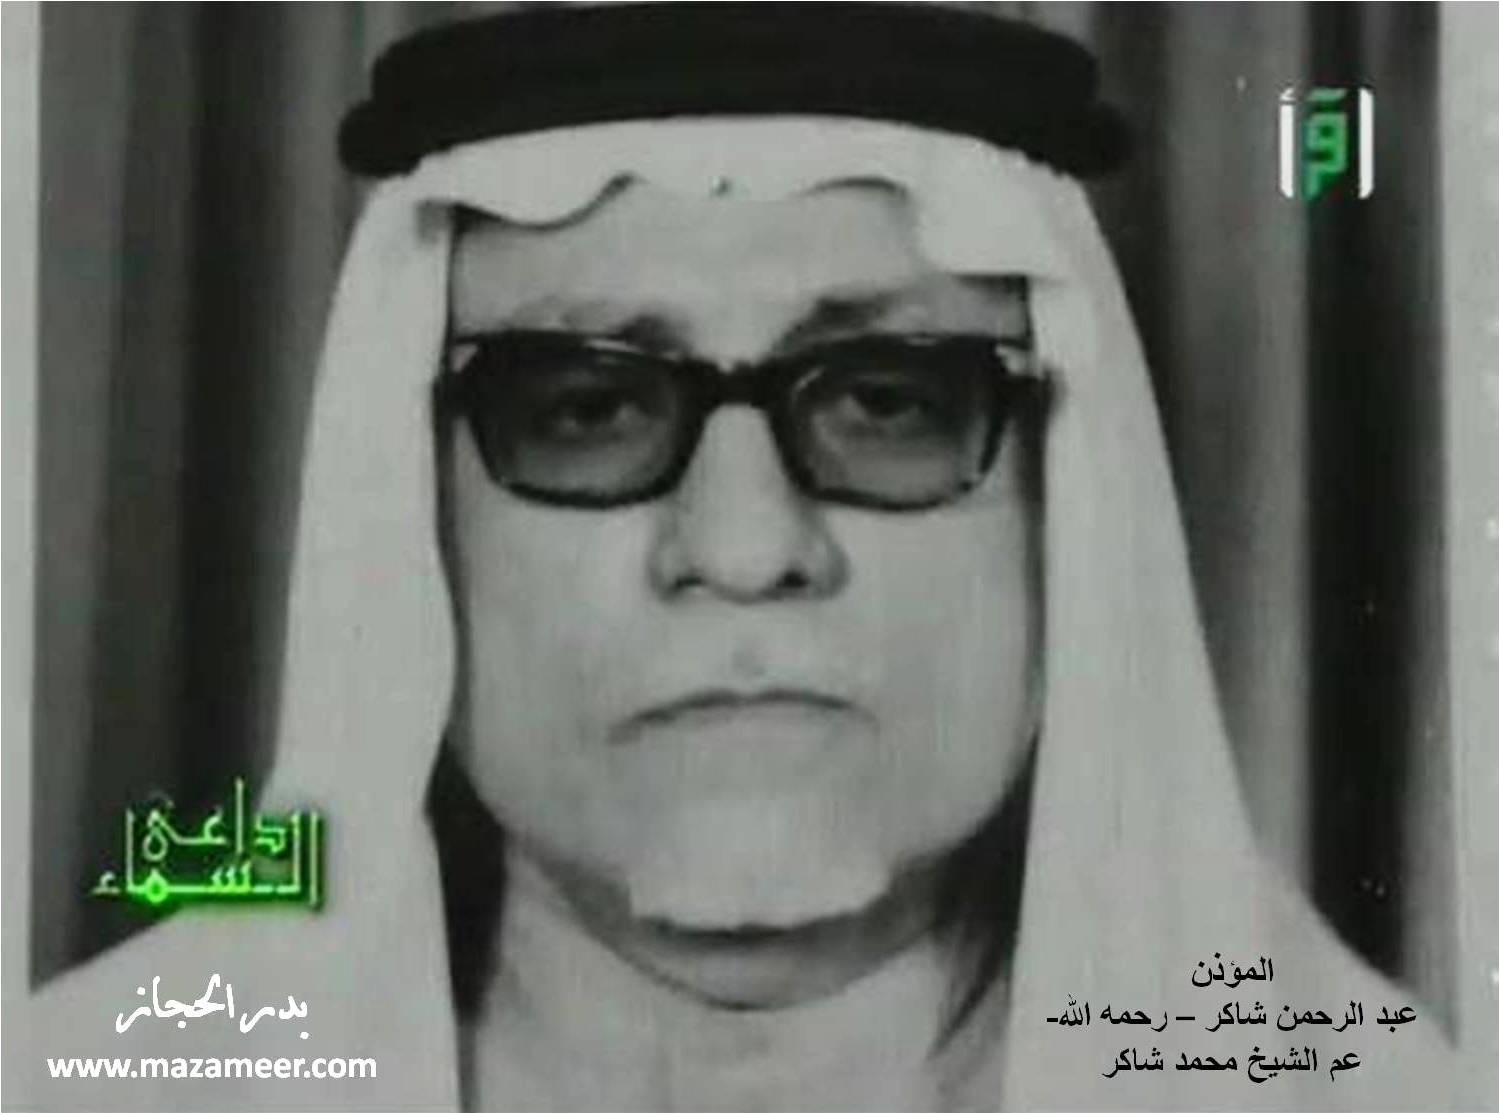 ����� ���� �������� ������ ����� ������ ����� ����� Abdulrahman_Shaker1.